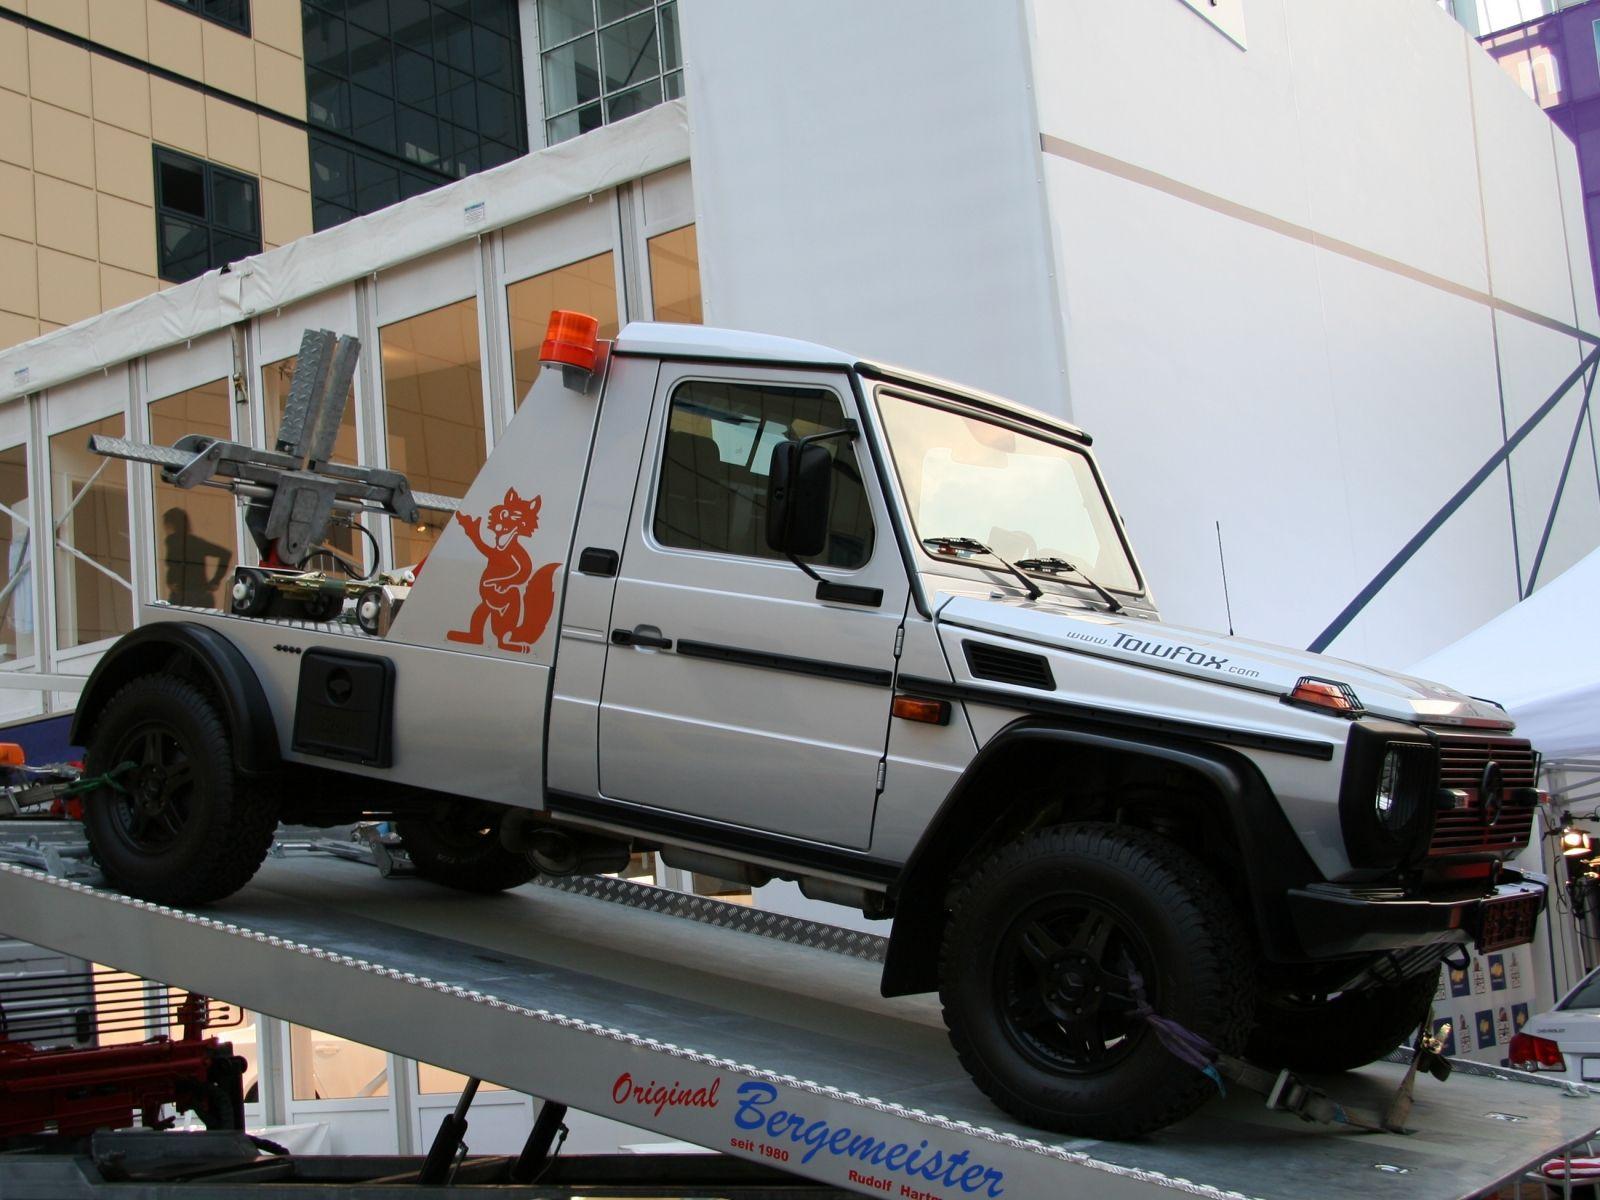 mercedes benz g modell bergefahrzeug towing platform. Black Bedroom Furniture Sets. Home Design Ideas